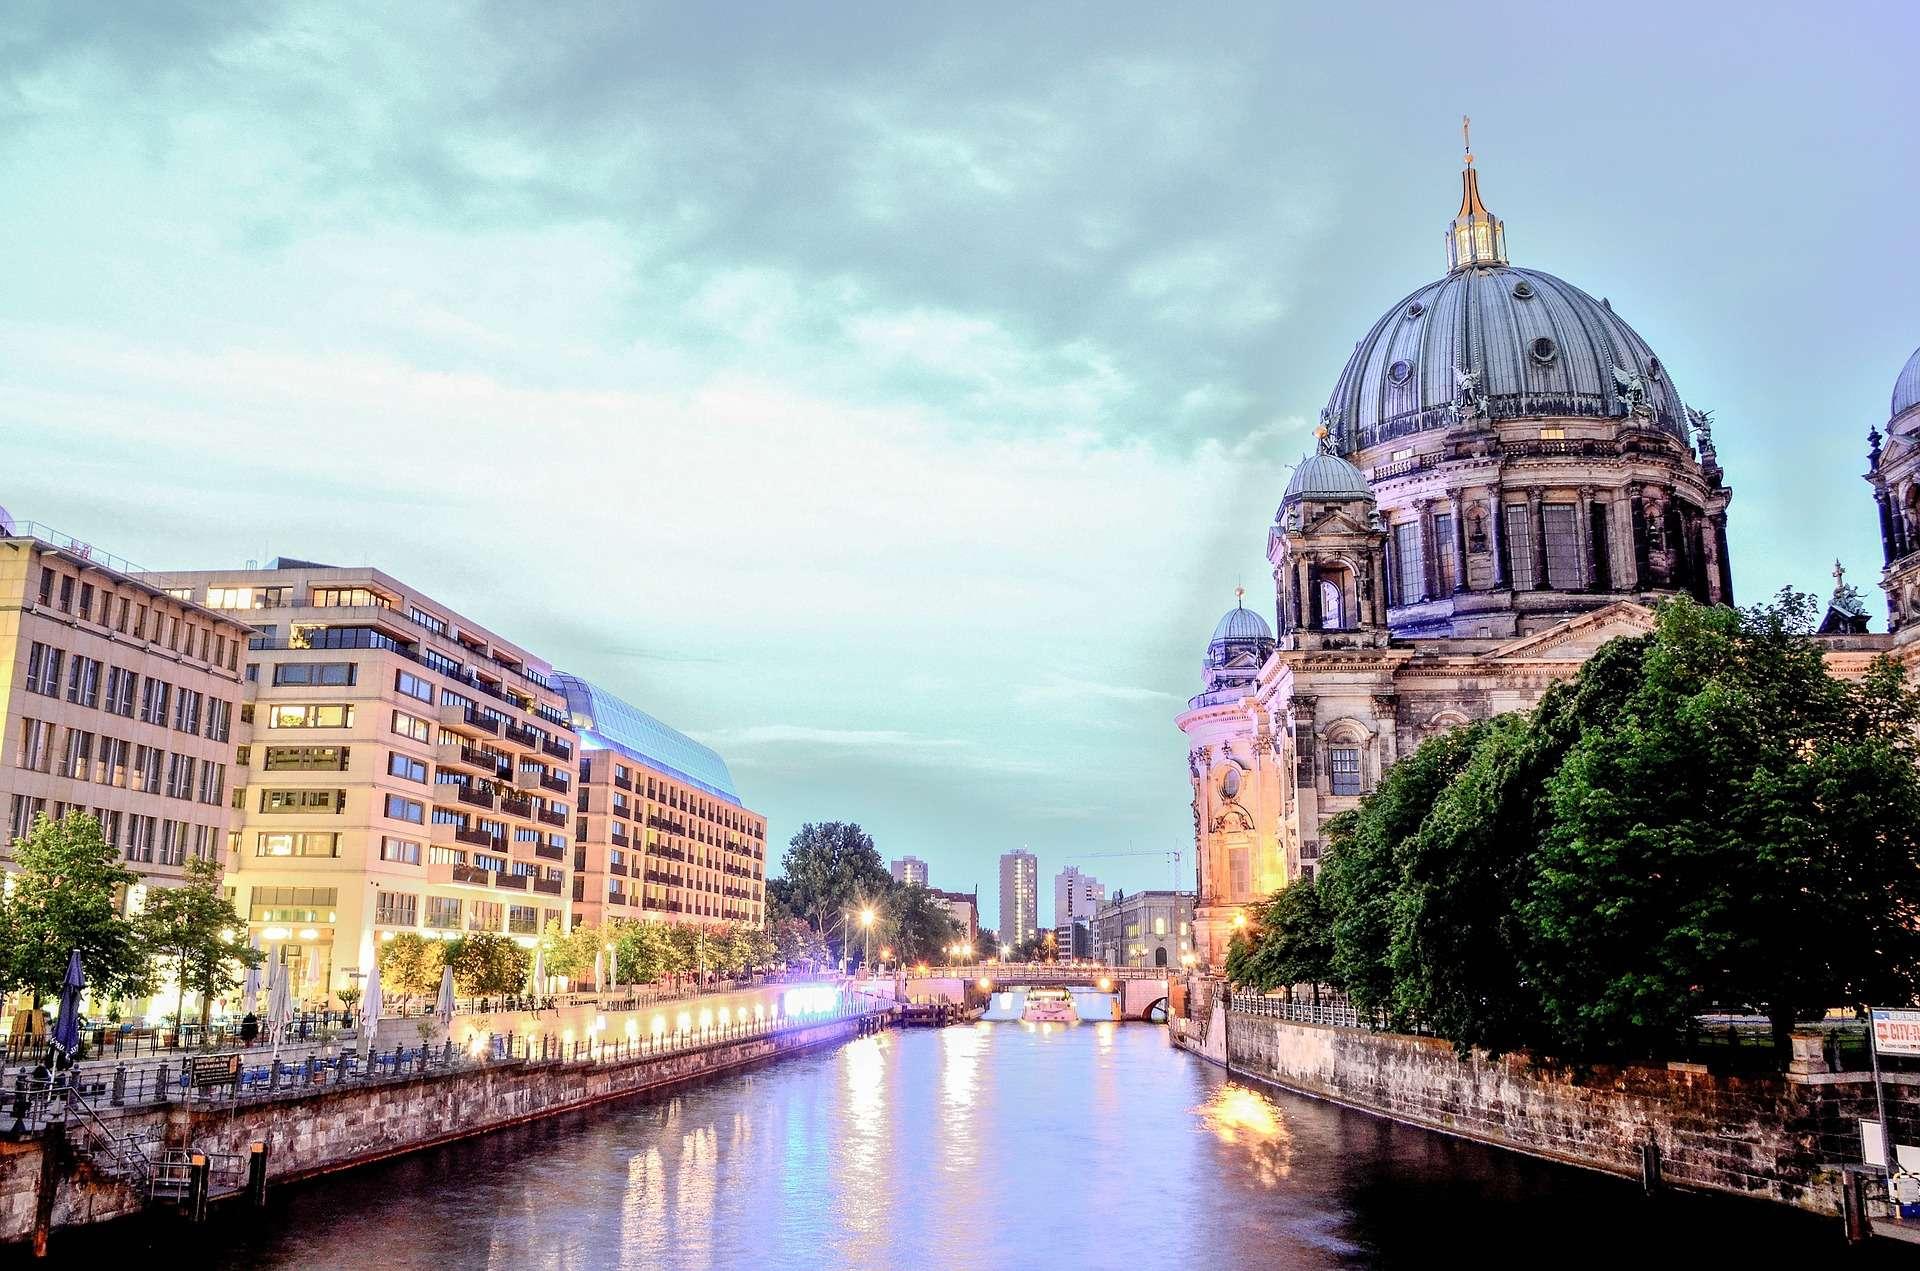 Direktflüge und Billigflüge ab Basel nach Berlin-Schönefeld